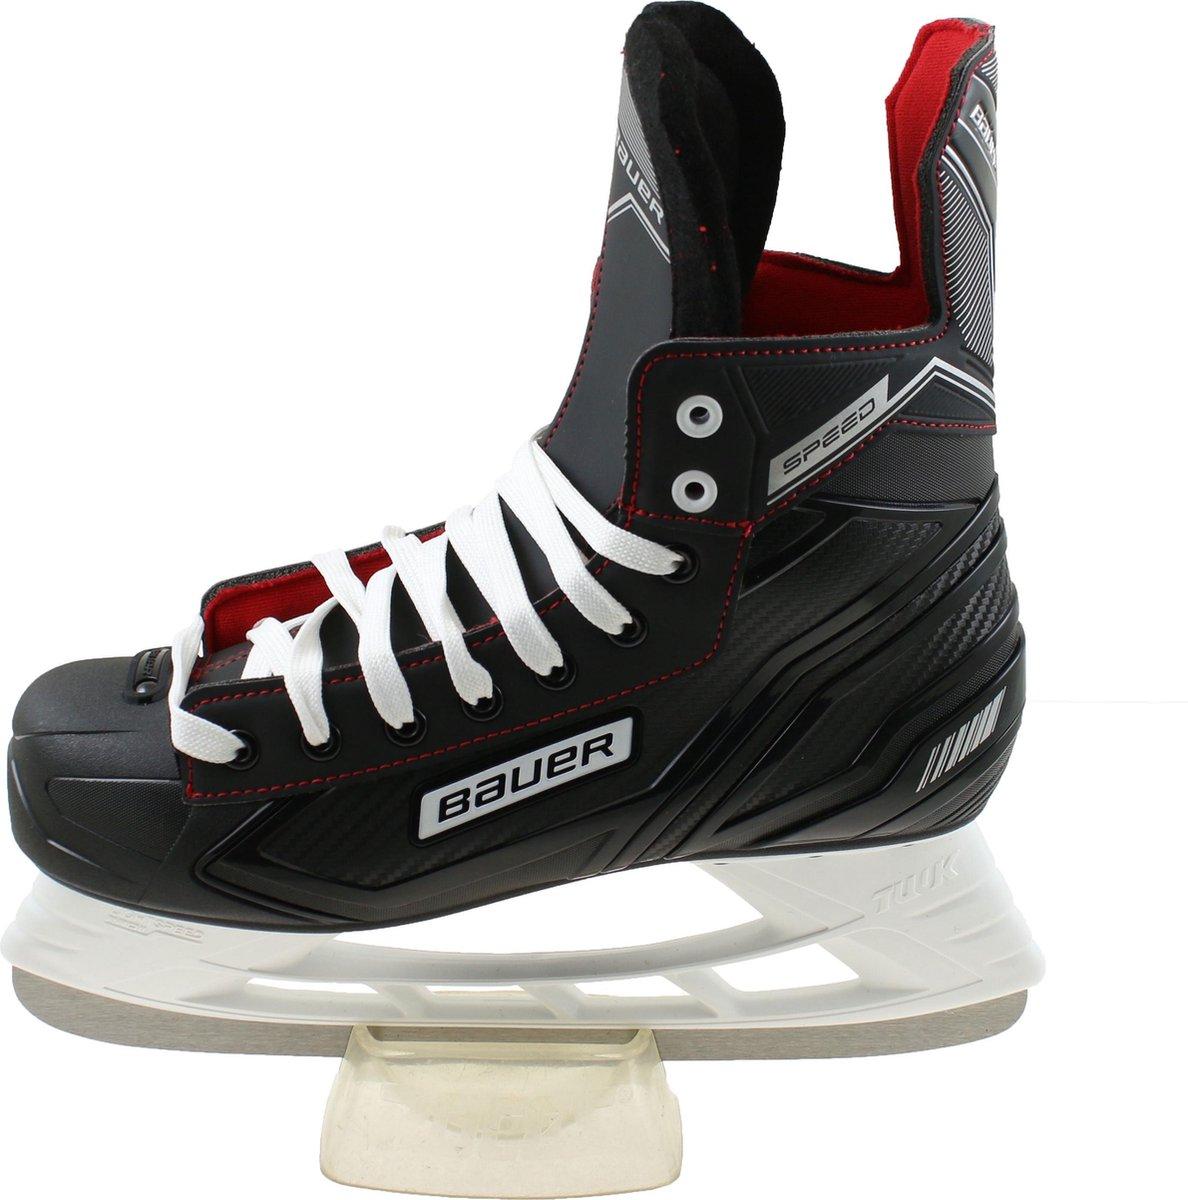 Bauer speed ijshockey schaatsen in de kleur zwart.